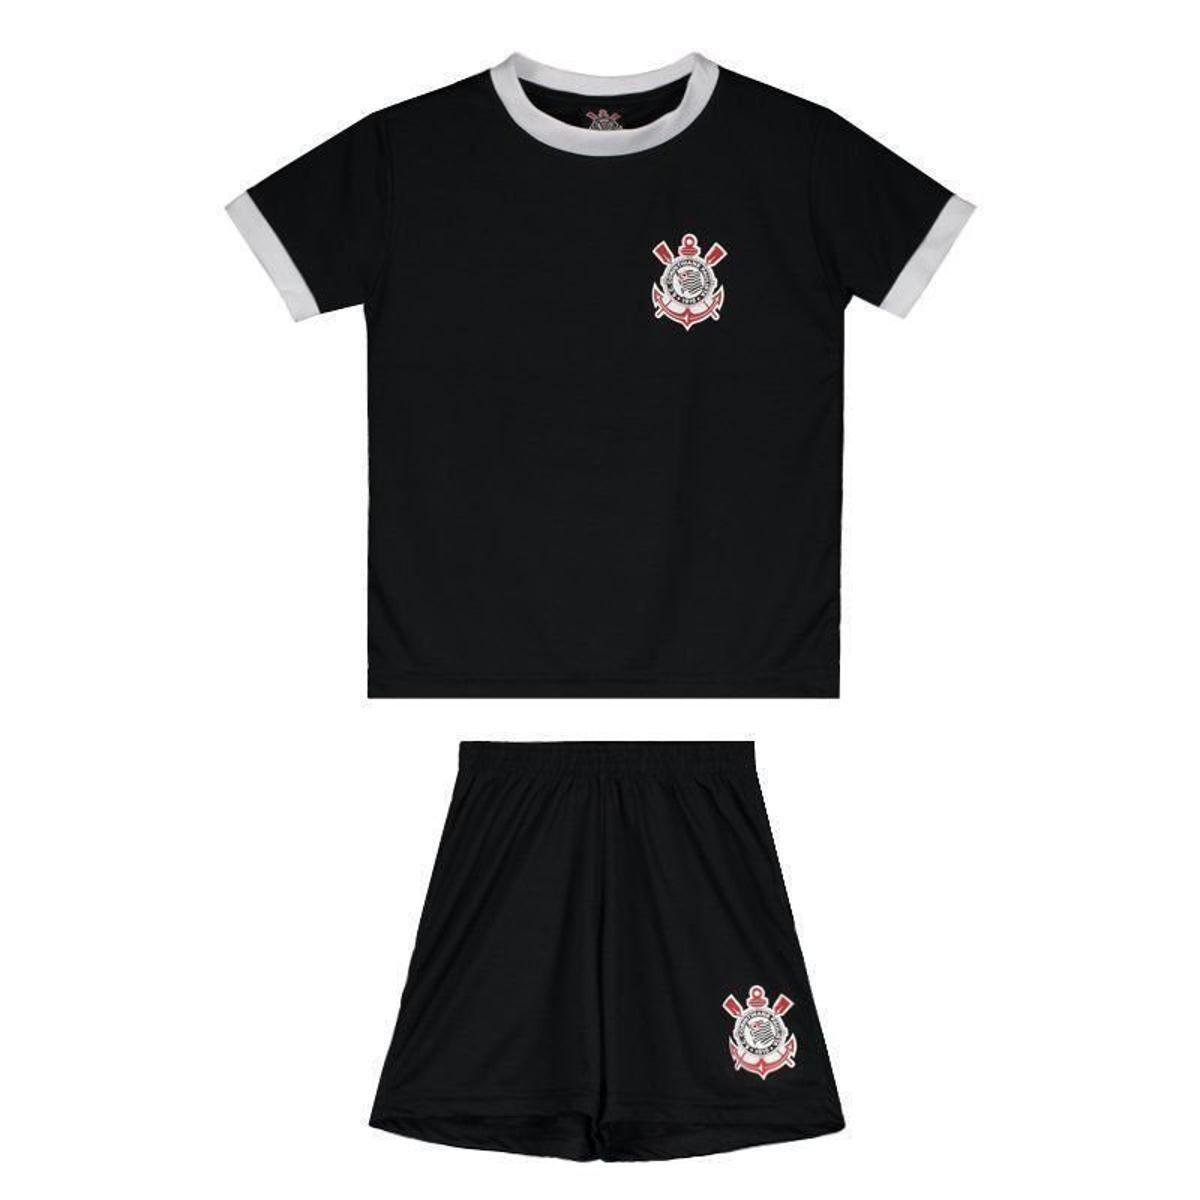 66b90d4e18 Kit de Uniforme Corinthians Basic Infantil